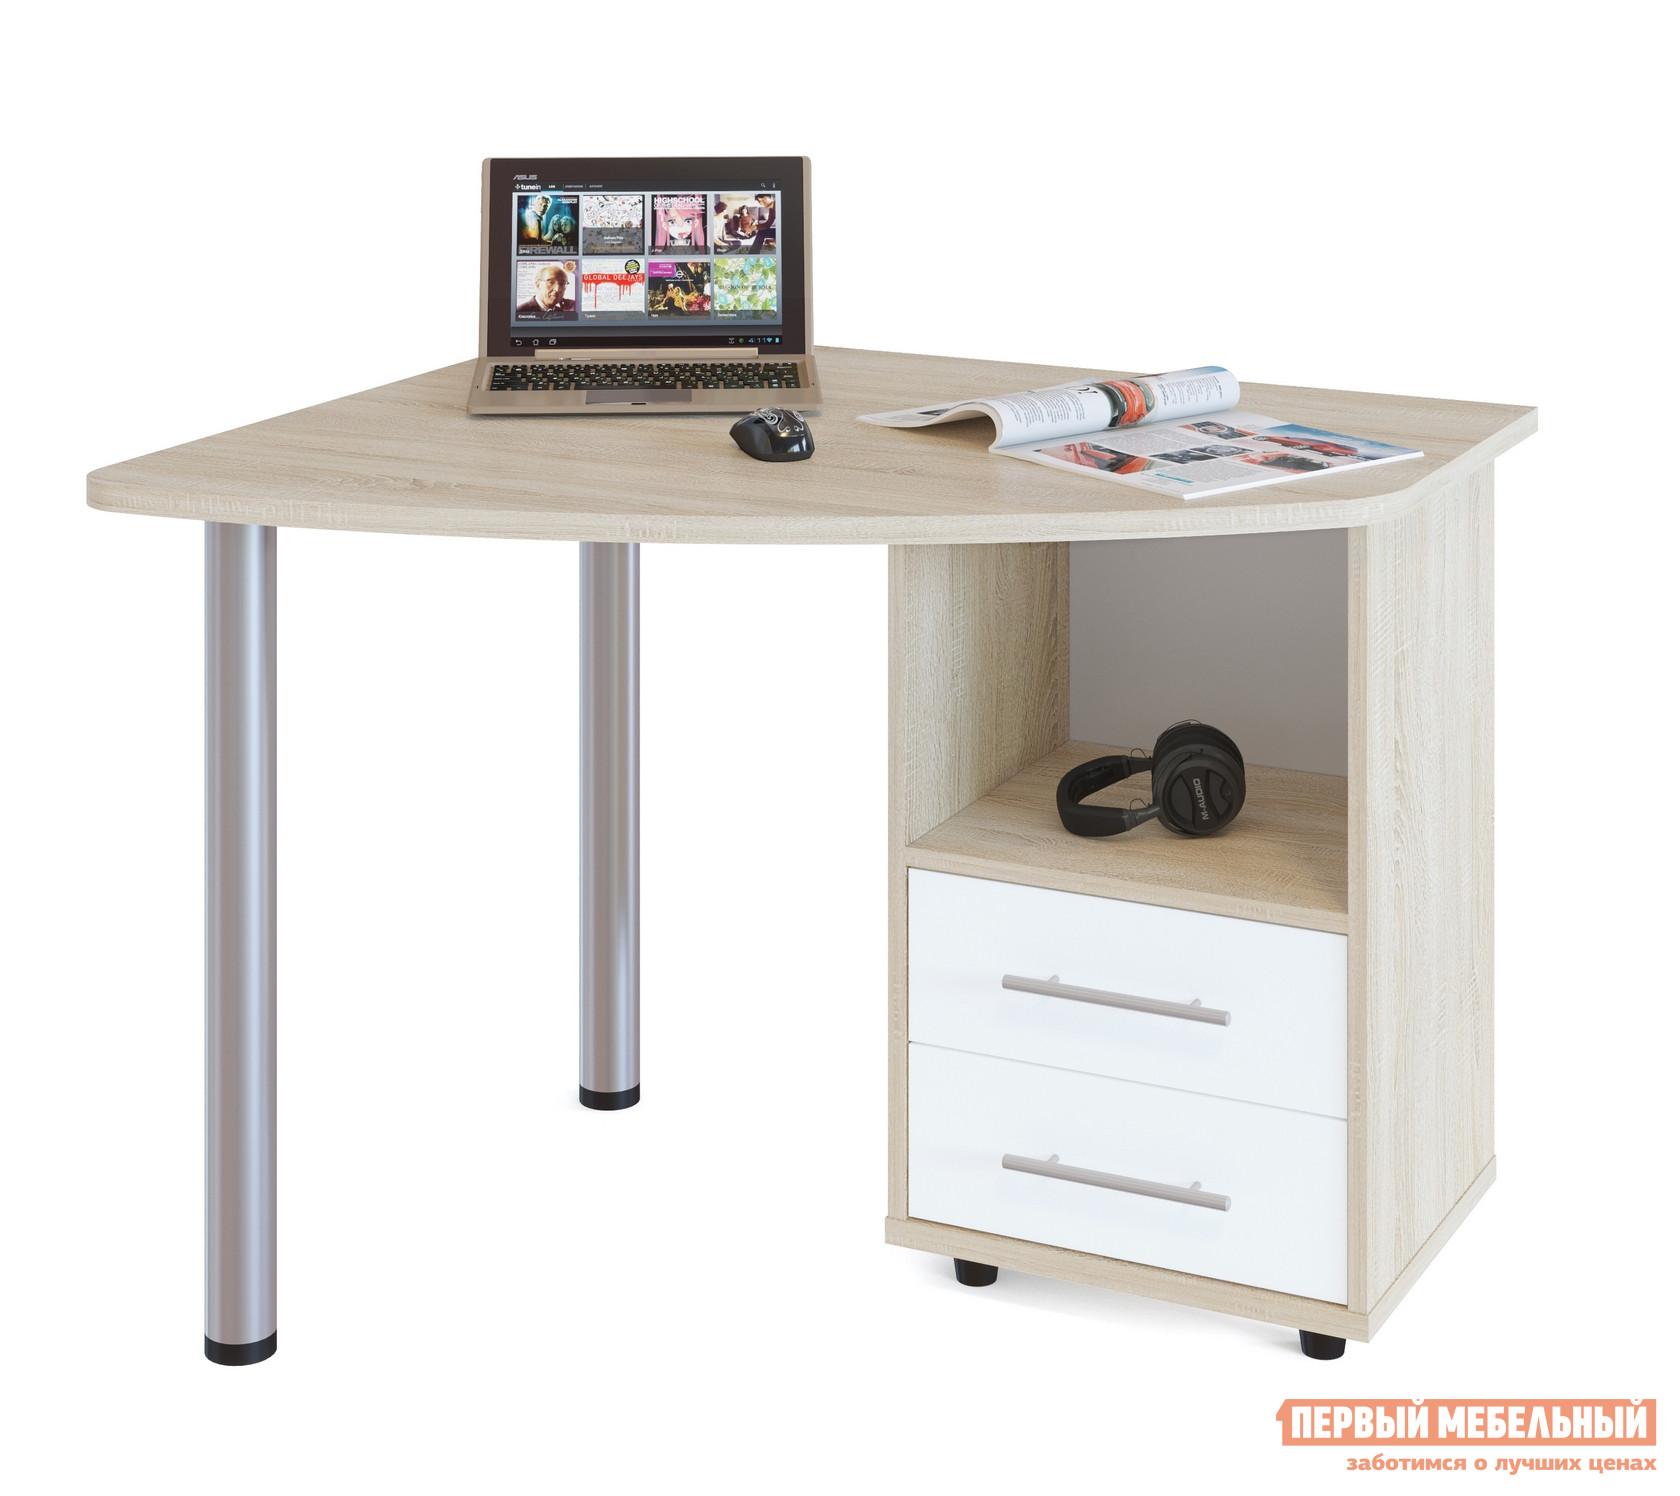 Письменный стол Сокол КСТ-102 Дуб Сонома / Белый, ПравыйПисьменные столы<br>Габаритные размеры ВхШхГ 750x1000x850 мм. Угловой стол для дома или офиса поможет вам удобно организовать рабочее место.  Конструкция смотрится не массивной из-за использования металлических опор.  Стол оборудован тумбой с двумя выдвижными ящиками.  Ширина по узкой части столешницы составляет 425 мм. Обратите внимание, что стол может быть правым и левым (определяется по расположению тумбы).  При заказе выберите наиболее удобный вариант. Изделие выполнено из ЛДСП.  Толщина столешницы 22 мм.  Рекомендуем сохранить инструкцию по сборке (паспорт изделия) до истечения гарантийного срока.<br><br>Цвет: Дуб Сонома / Белый<br>Цвет: Белый<br>Цвет: Светлое дерево<br>Высота мм: 750<br>Ширина мм: 1000<br>Глубина мм: 850<br>Кол-во упаковок: 2<br>Форма поставки: В разобранном виде<br>Срок гарантии: 2 года<br>Тип: Угловые<br>Материал: Деревянные, из ЛДСП<br>Размер: Маленькие, Шириной 100 см<br>Особенности: С ящиками, С тумбой, С металлическими ножками, На ножках<br>Стиль: Современный, Модерн